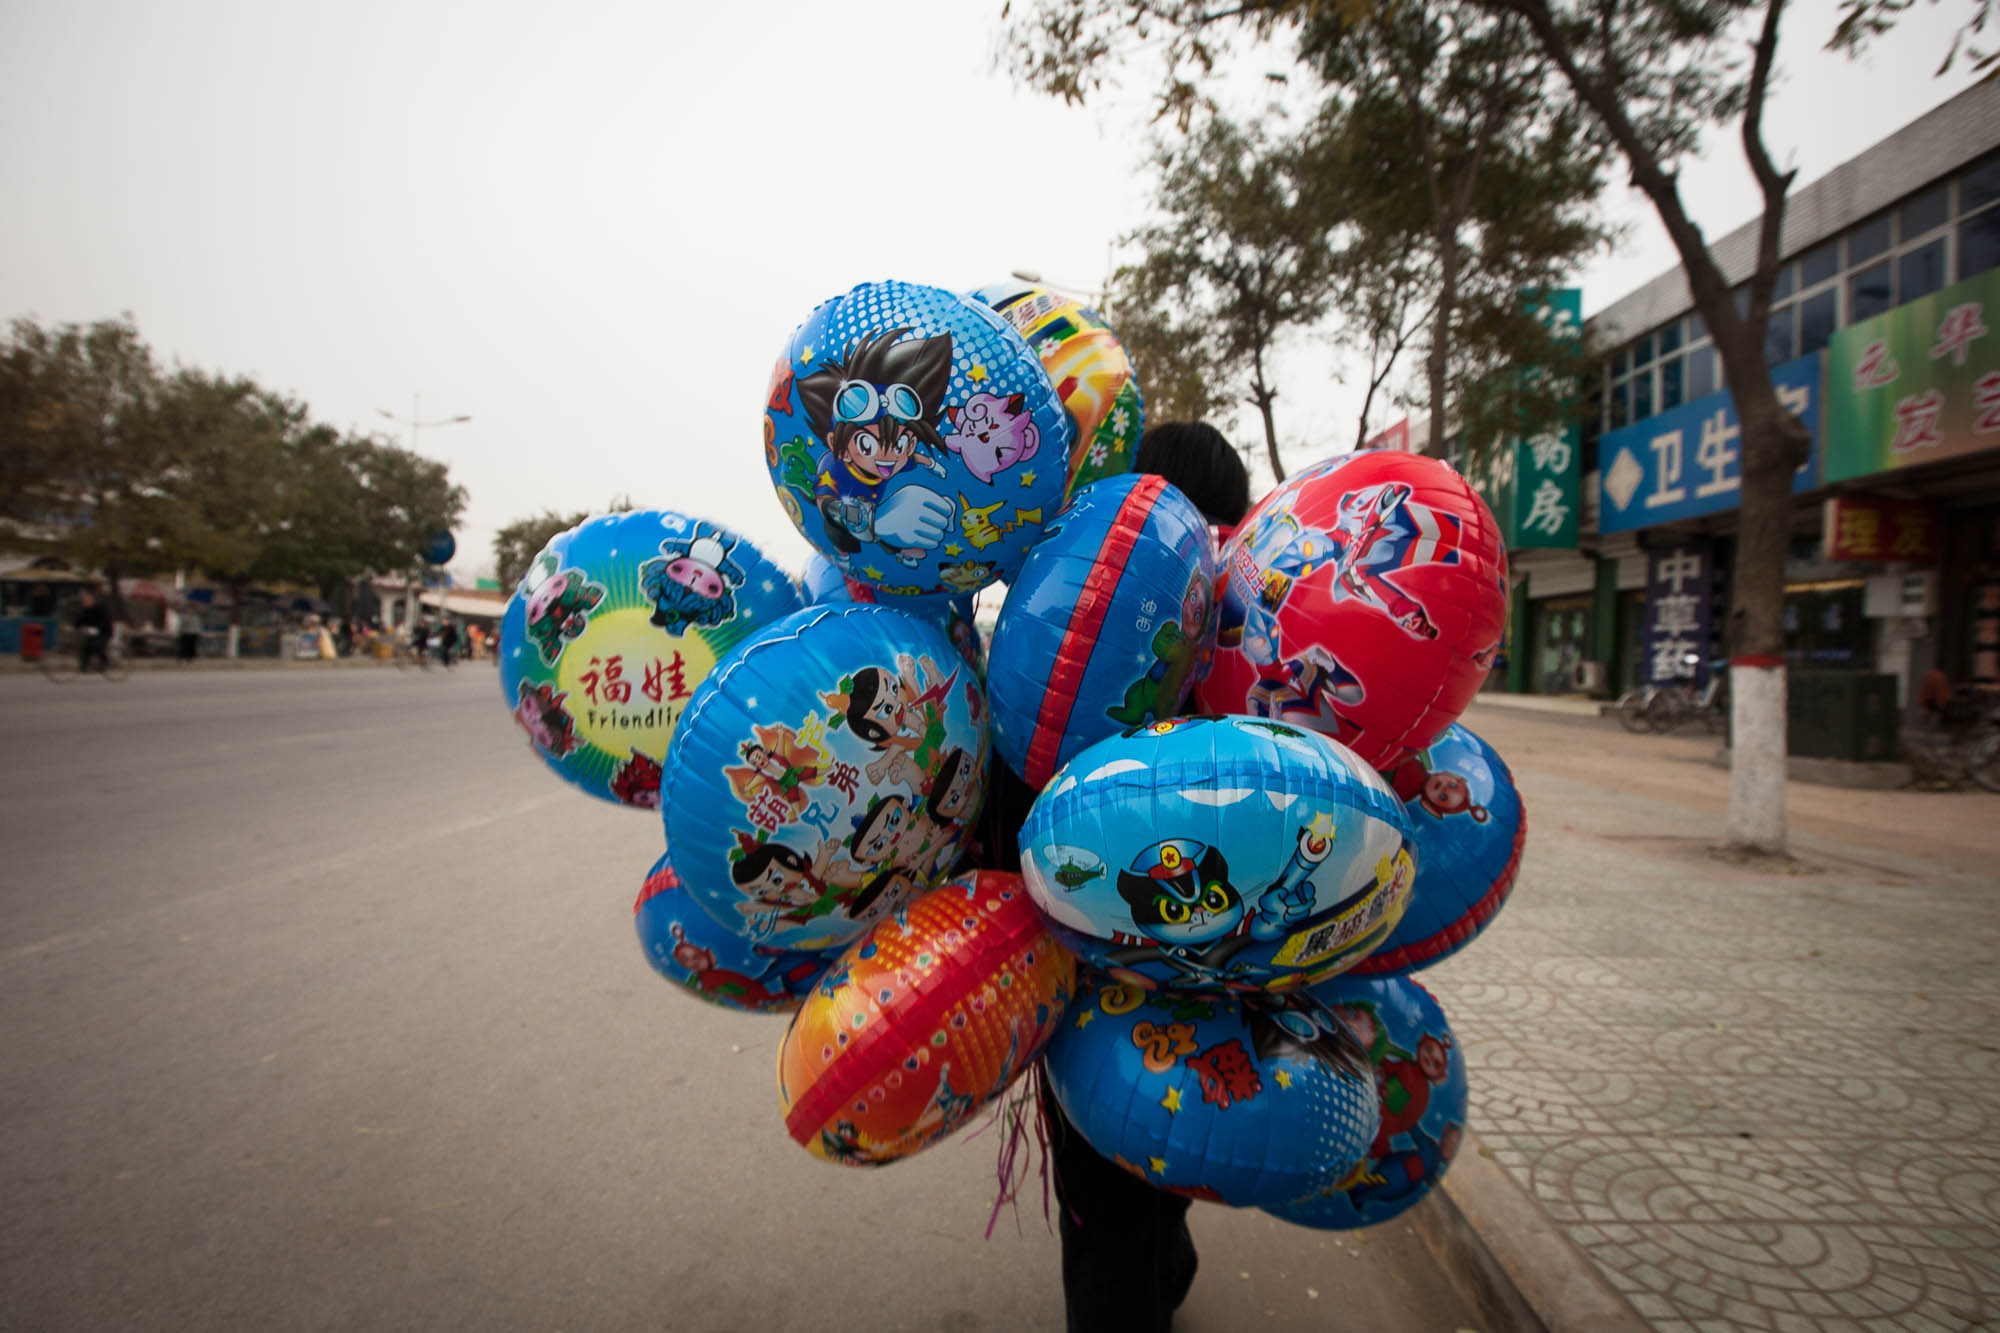 ballon vendor